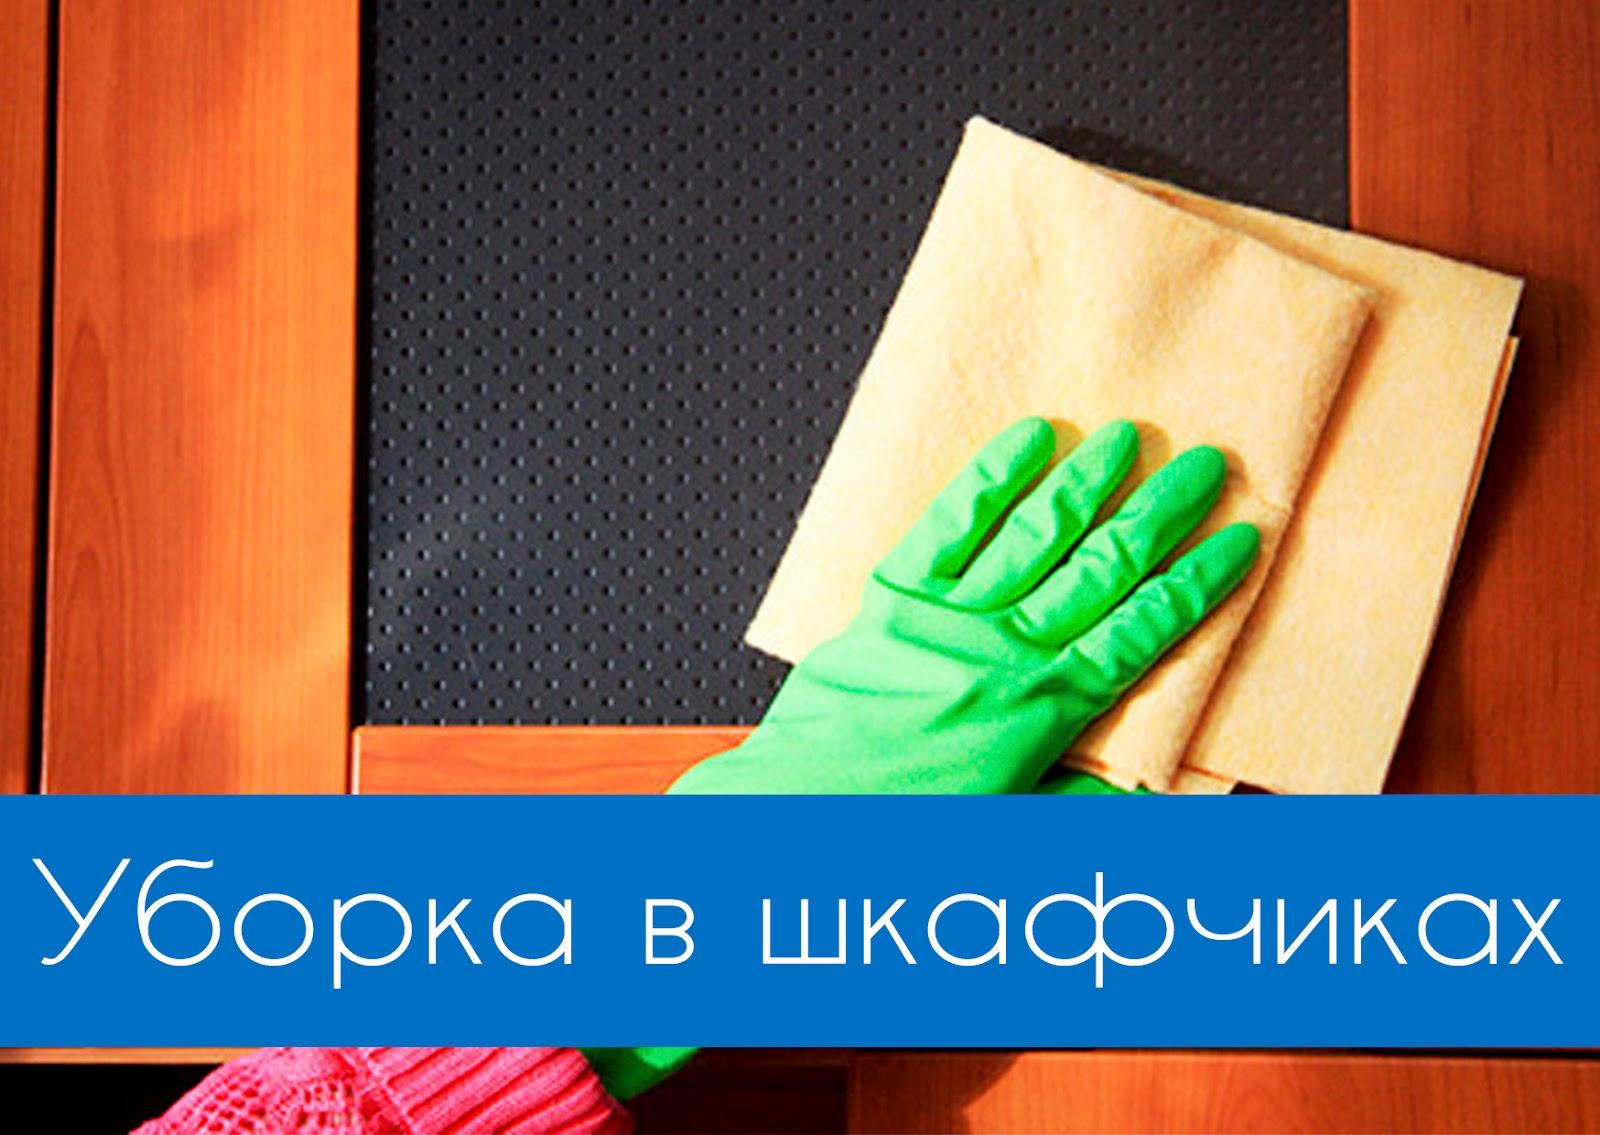 как убрать квартиру за 15 дней